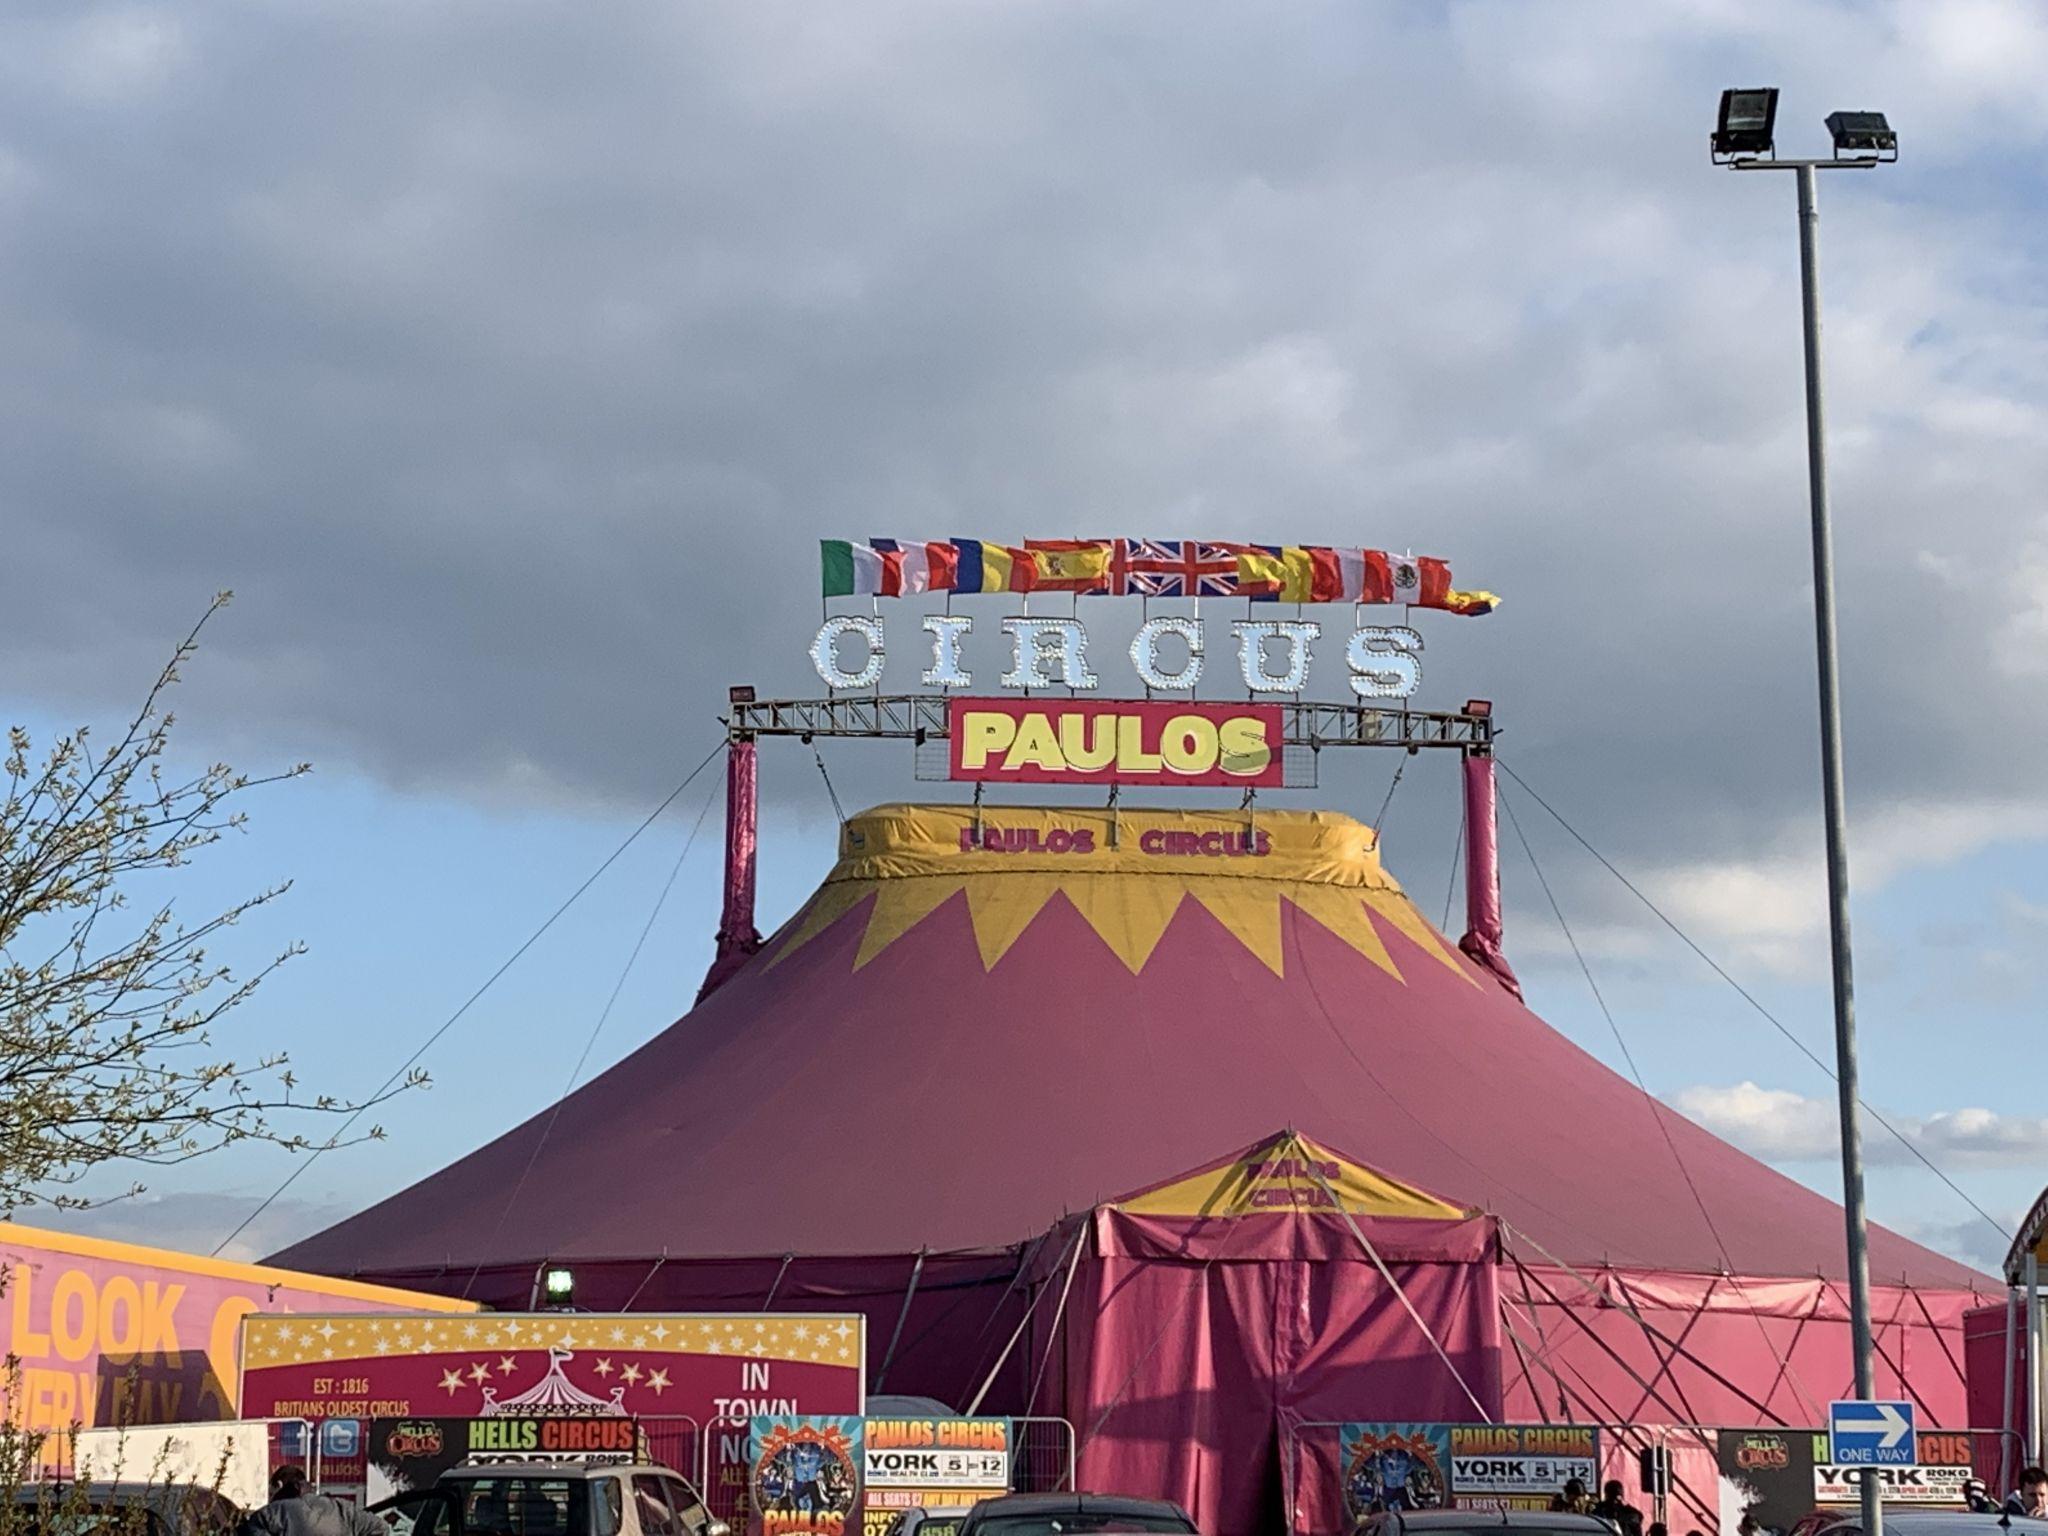 A circus big top tent